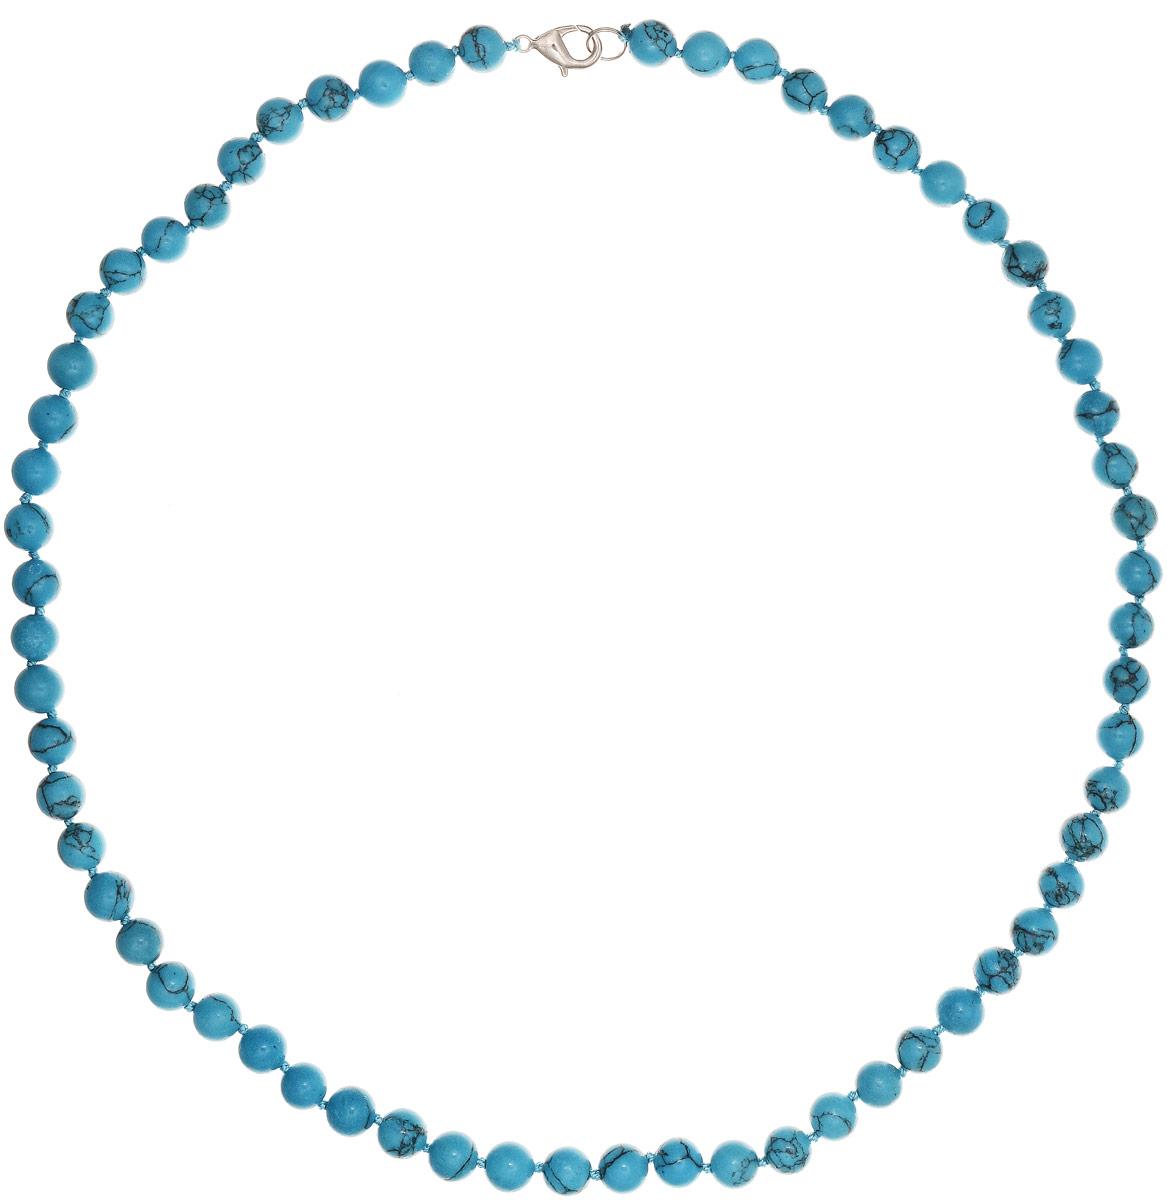 Бусы Art-Silver, цвет: голубой, длина 60 см. Б8-60-254Б8-60-254Бусы Art-Silver выполнены из бижутерного сплава и бирюзы. Изделие оснащено удобным замком-карабином.